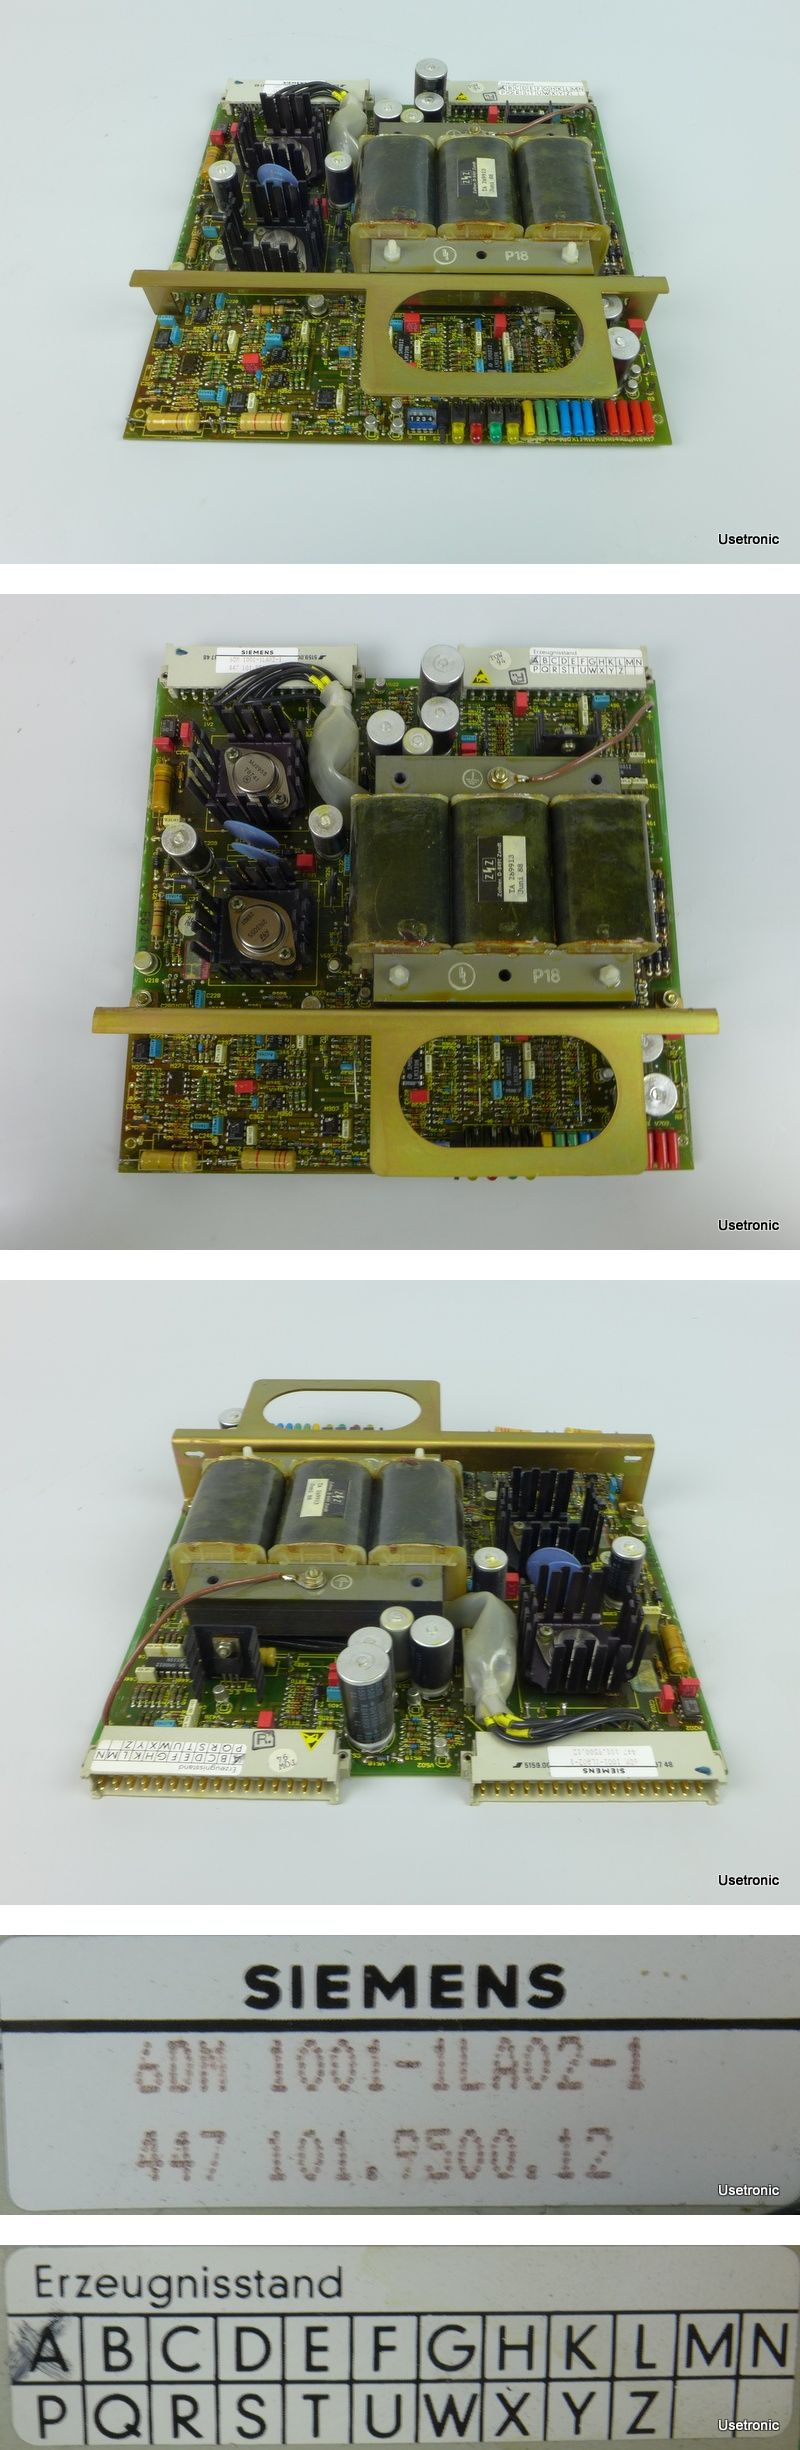 Siemens 6DM1001-1LA02-1